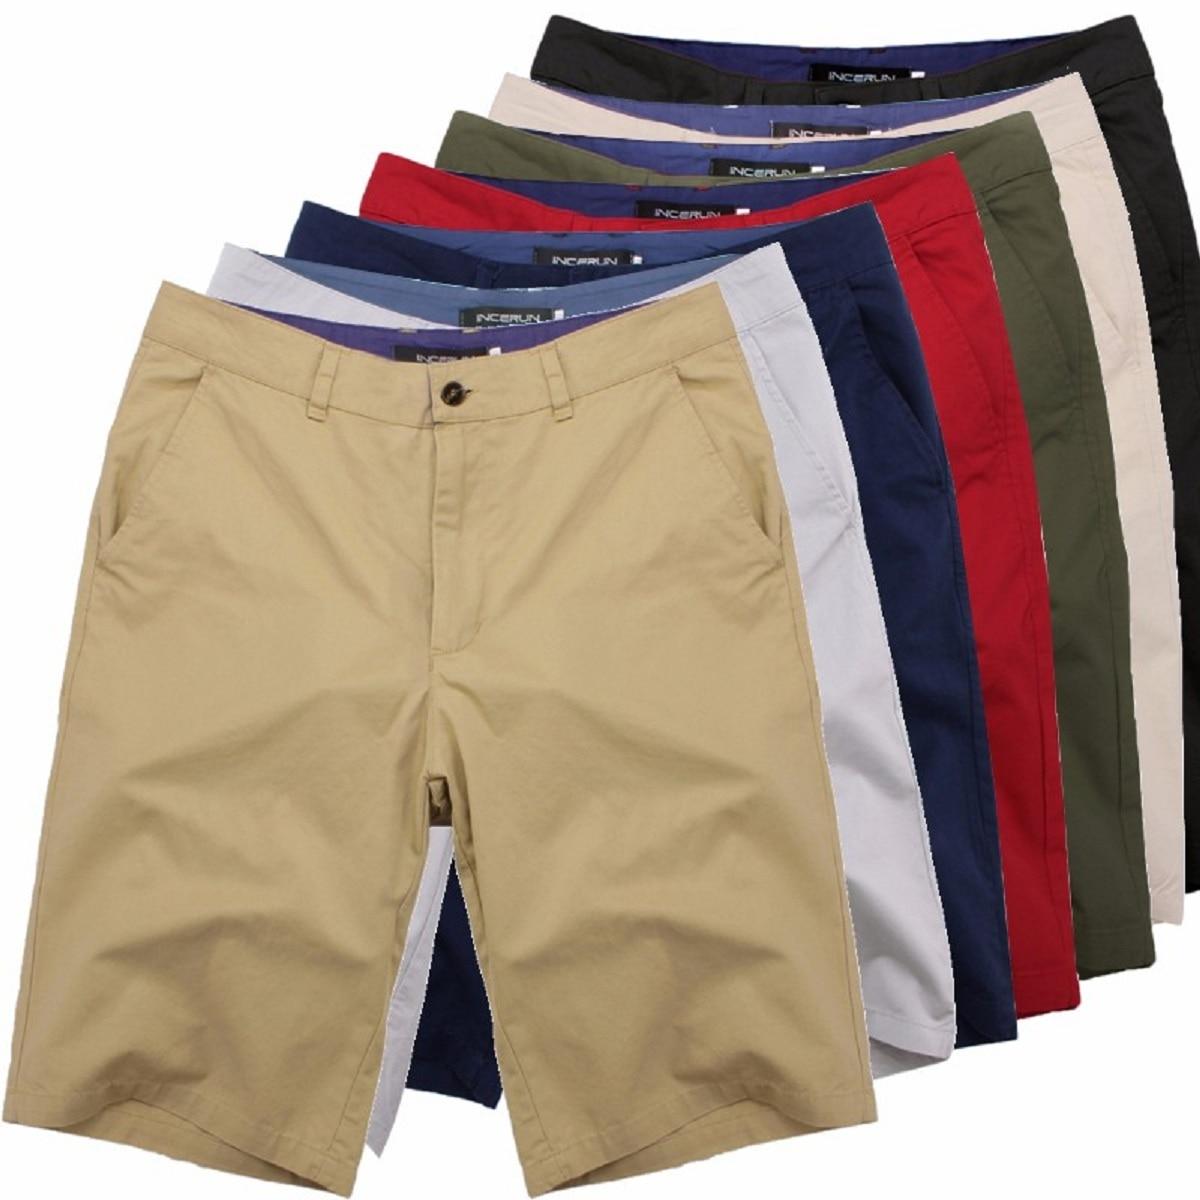 2019 casual Estate shorts Degli Uomini Del Cotone di Lunghezza Del Ginocchio chinos shorts Vintage casual Uomini shorts Moda masculina Grande di Grandi Dimensioni 44